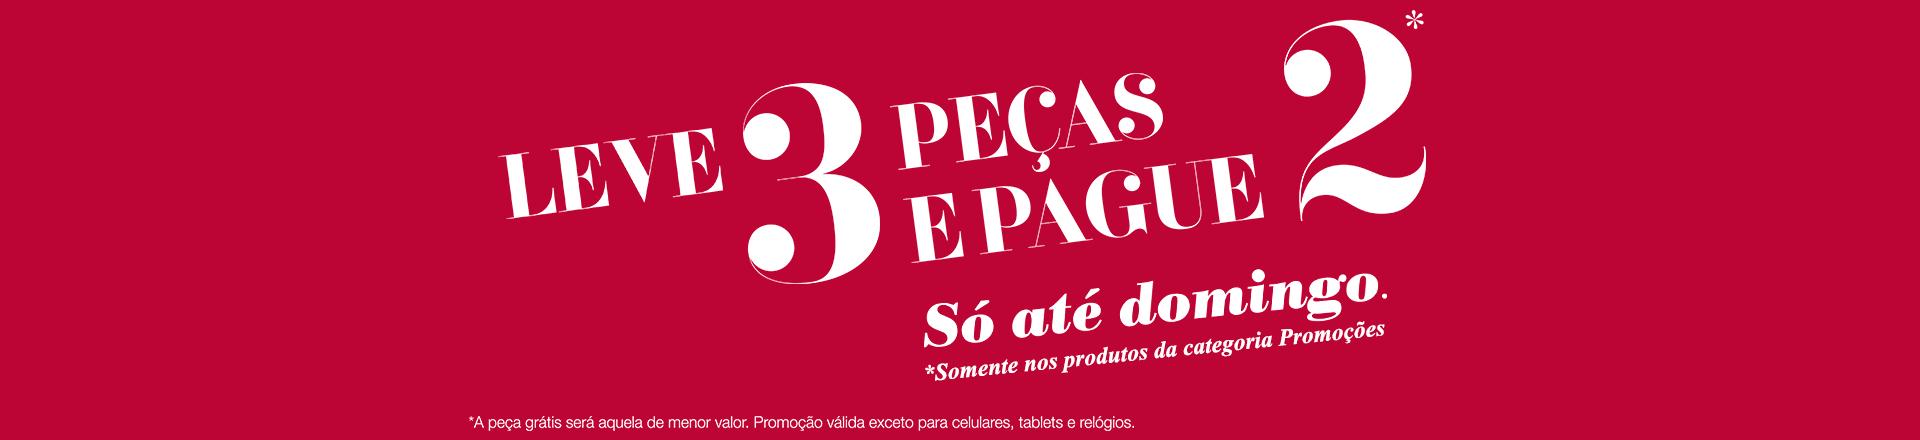 Destaque-2